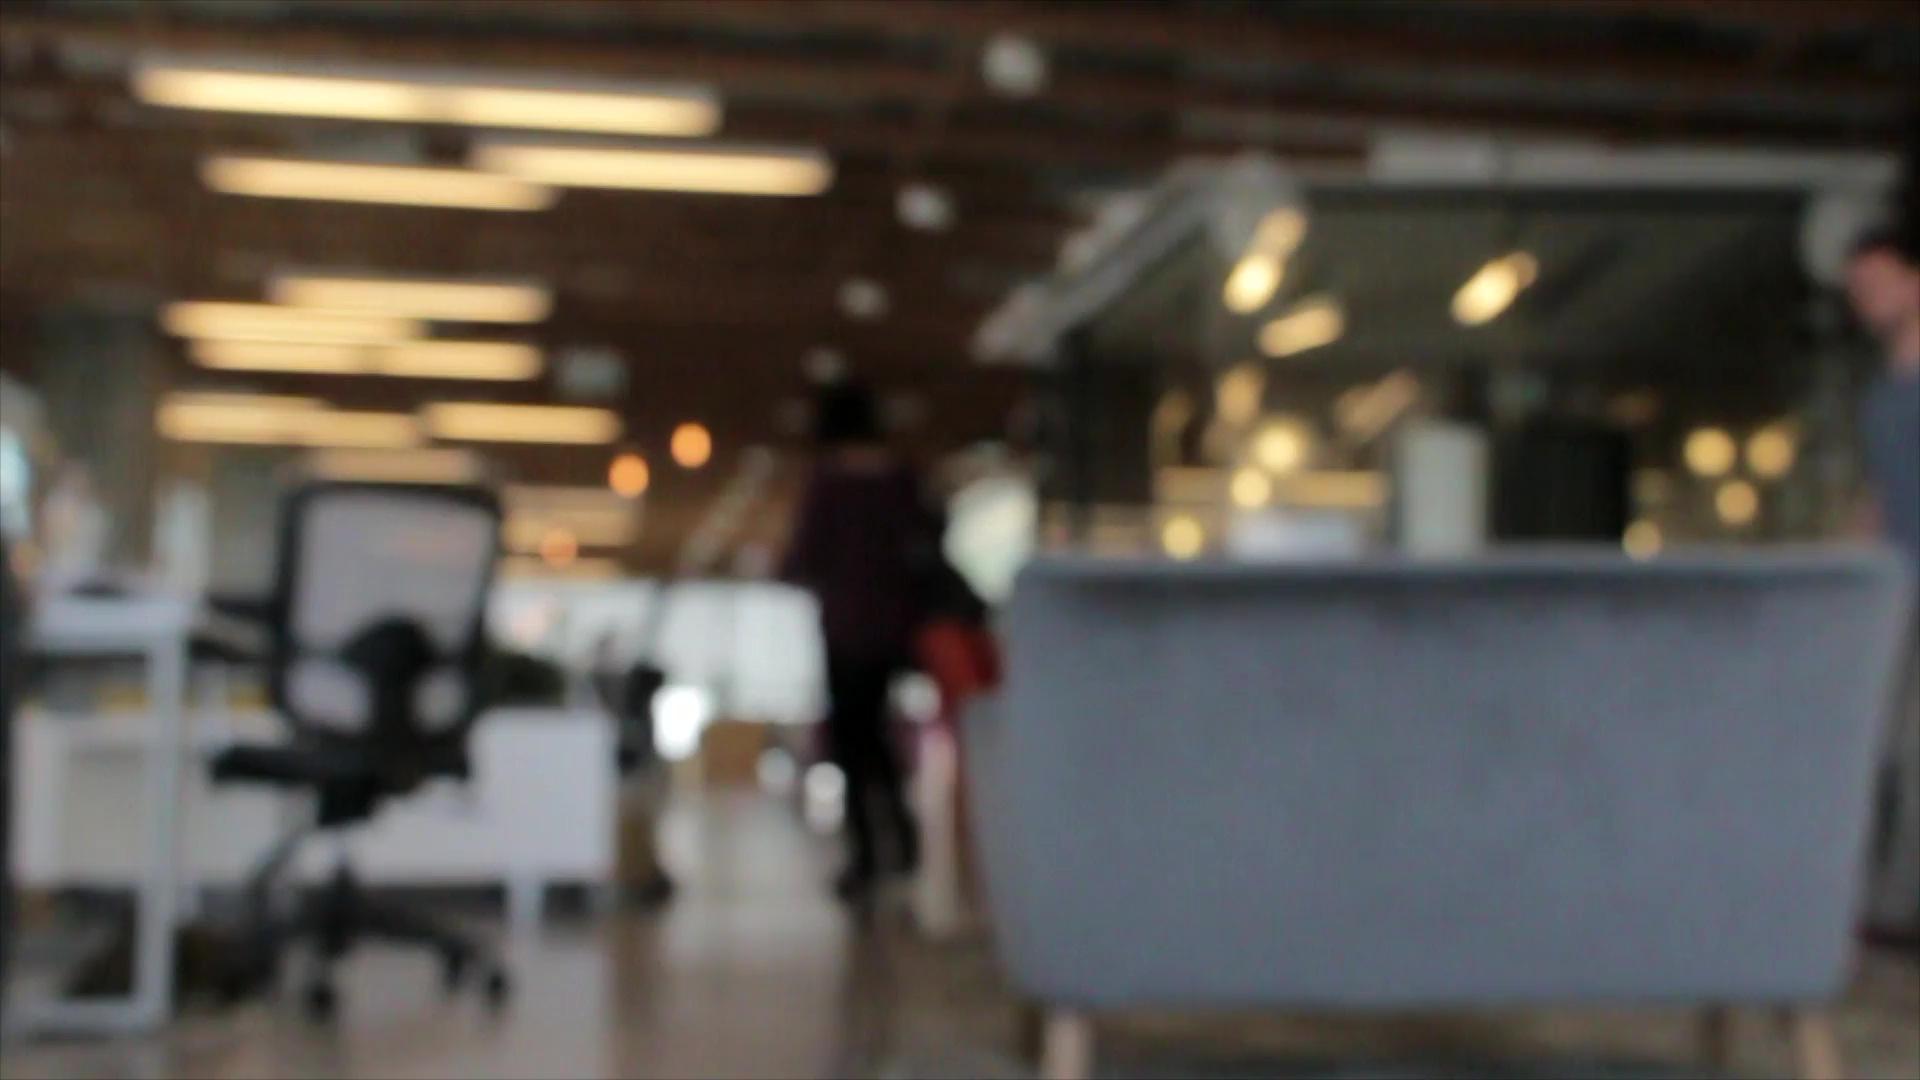 Çorlu tanıtım filmi - Office Day - Çorlu Tanıtım Filmi